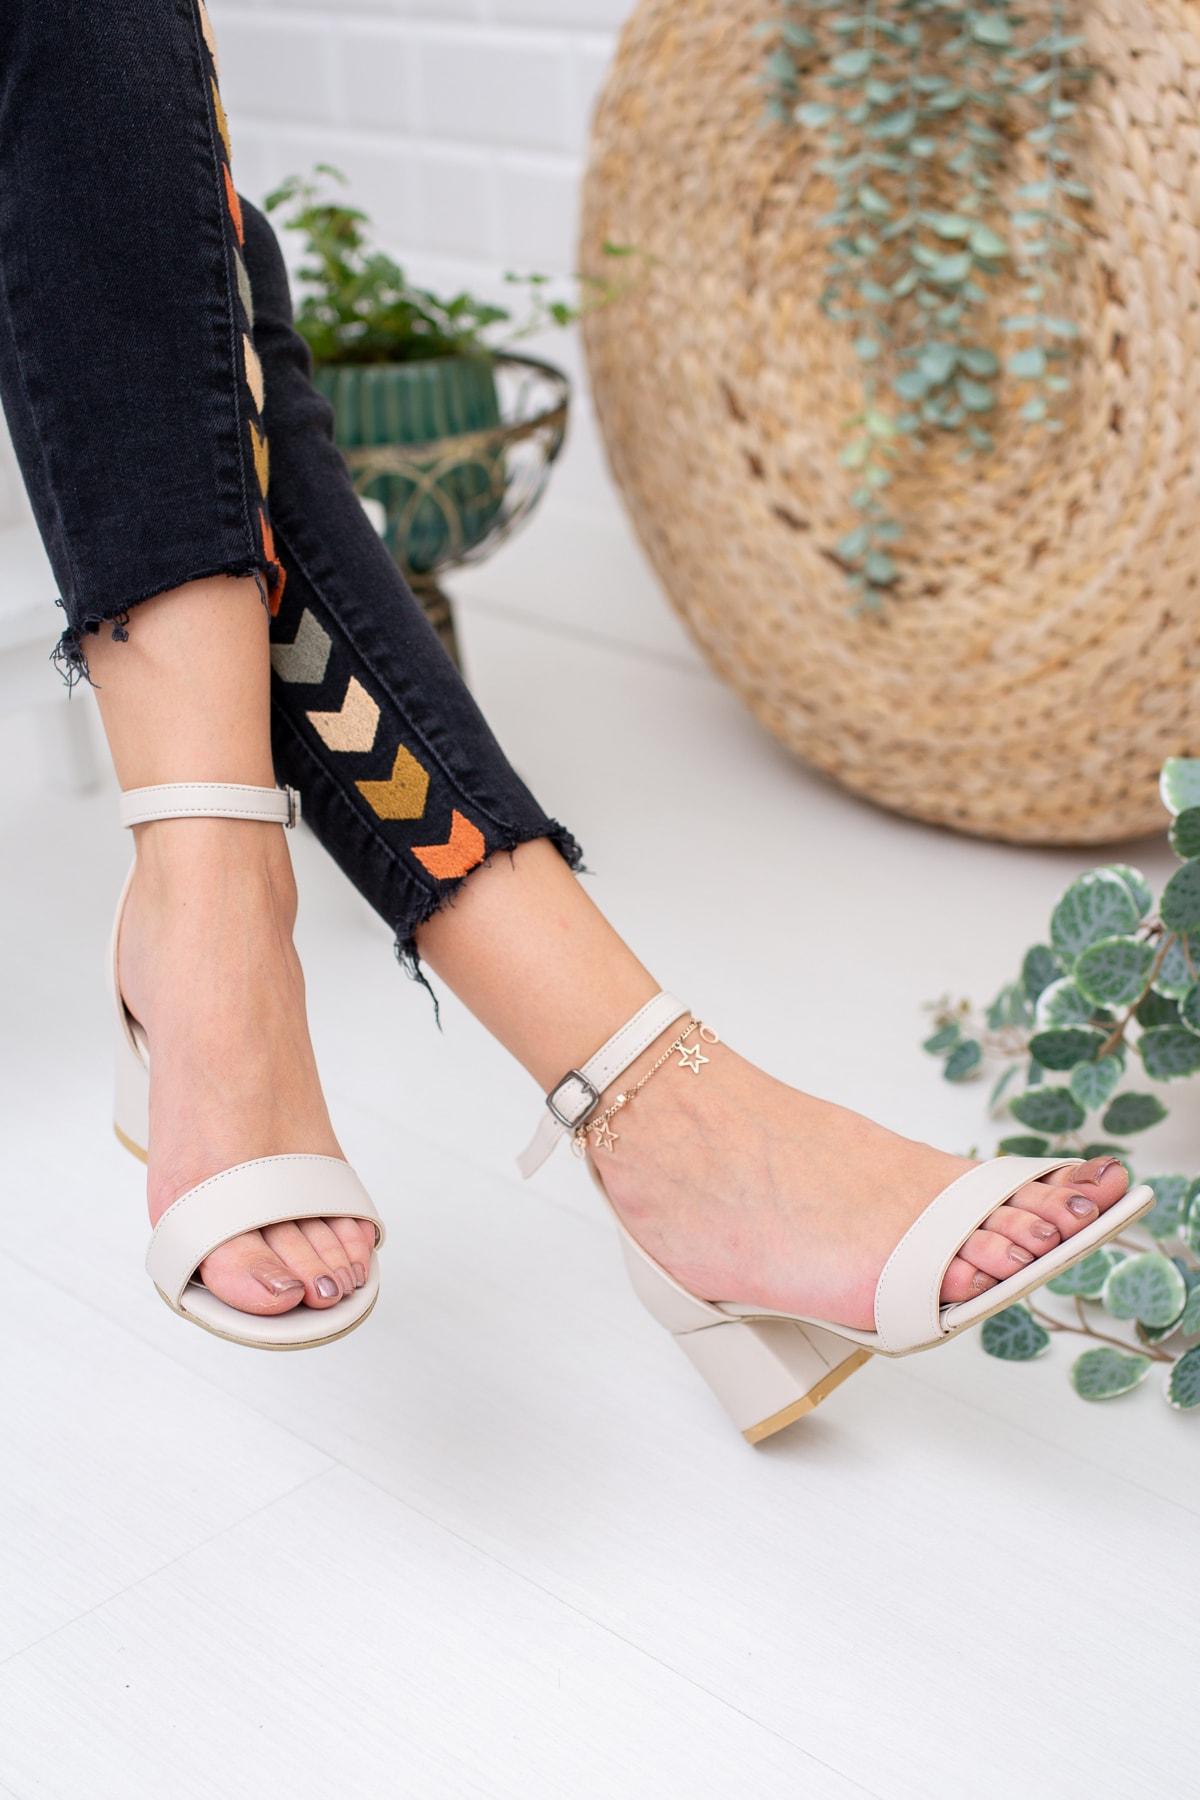 Ten Cilt Kadın Klasik Topuklu Ayakkabı Md1015-119-0001